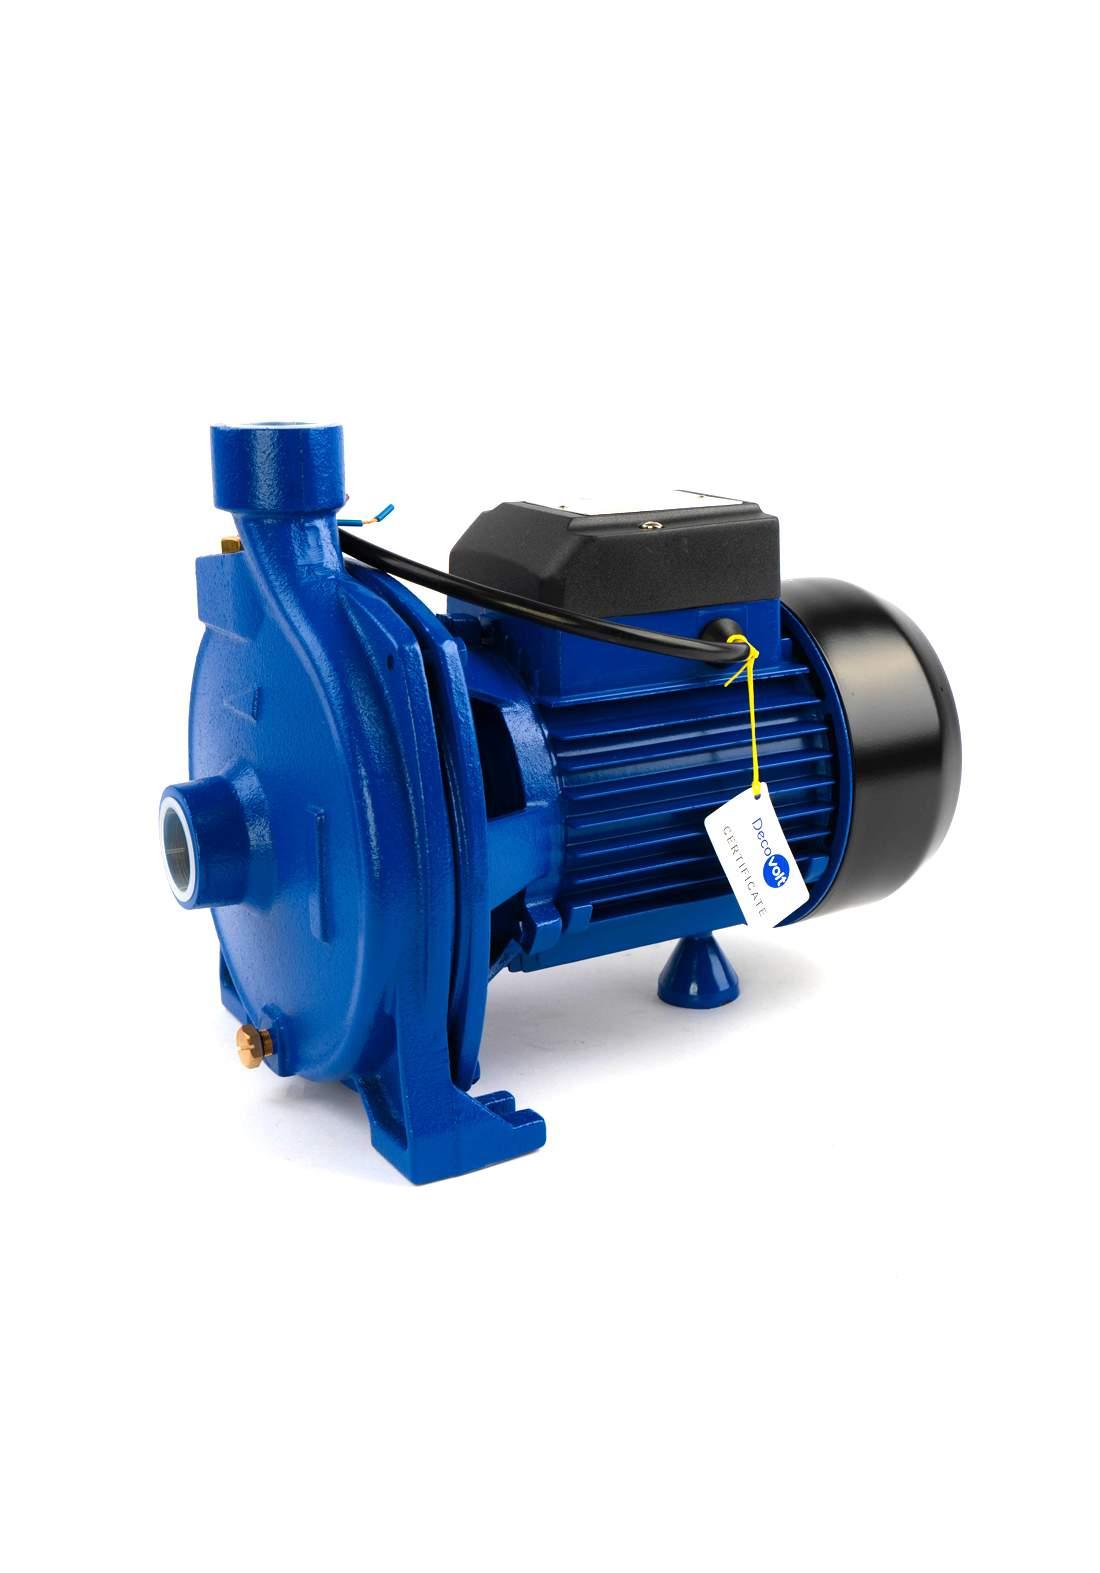 DecoVolt 4918 water pump 220 w مضخة مياة 220 واط 1 حصان